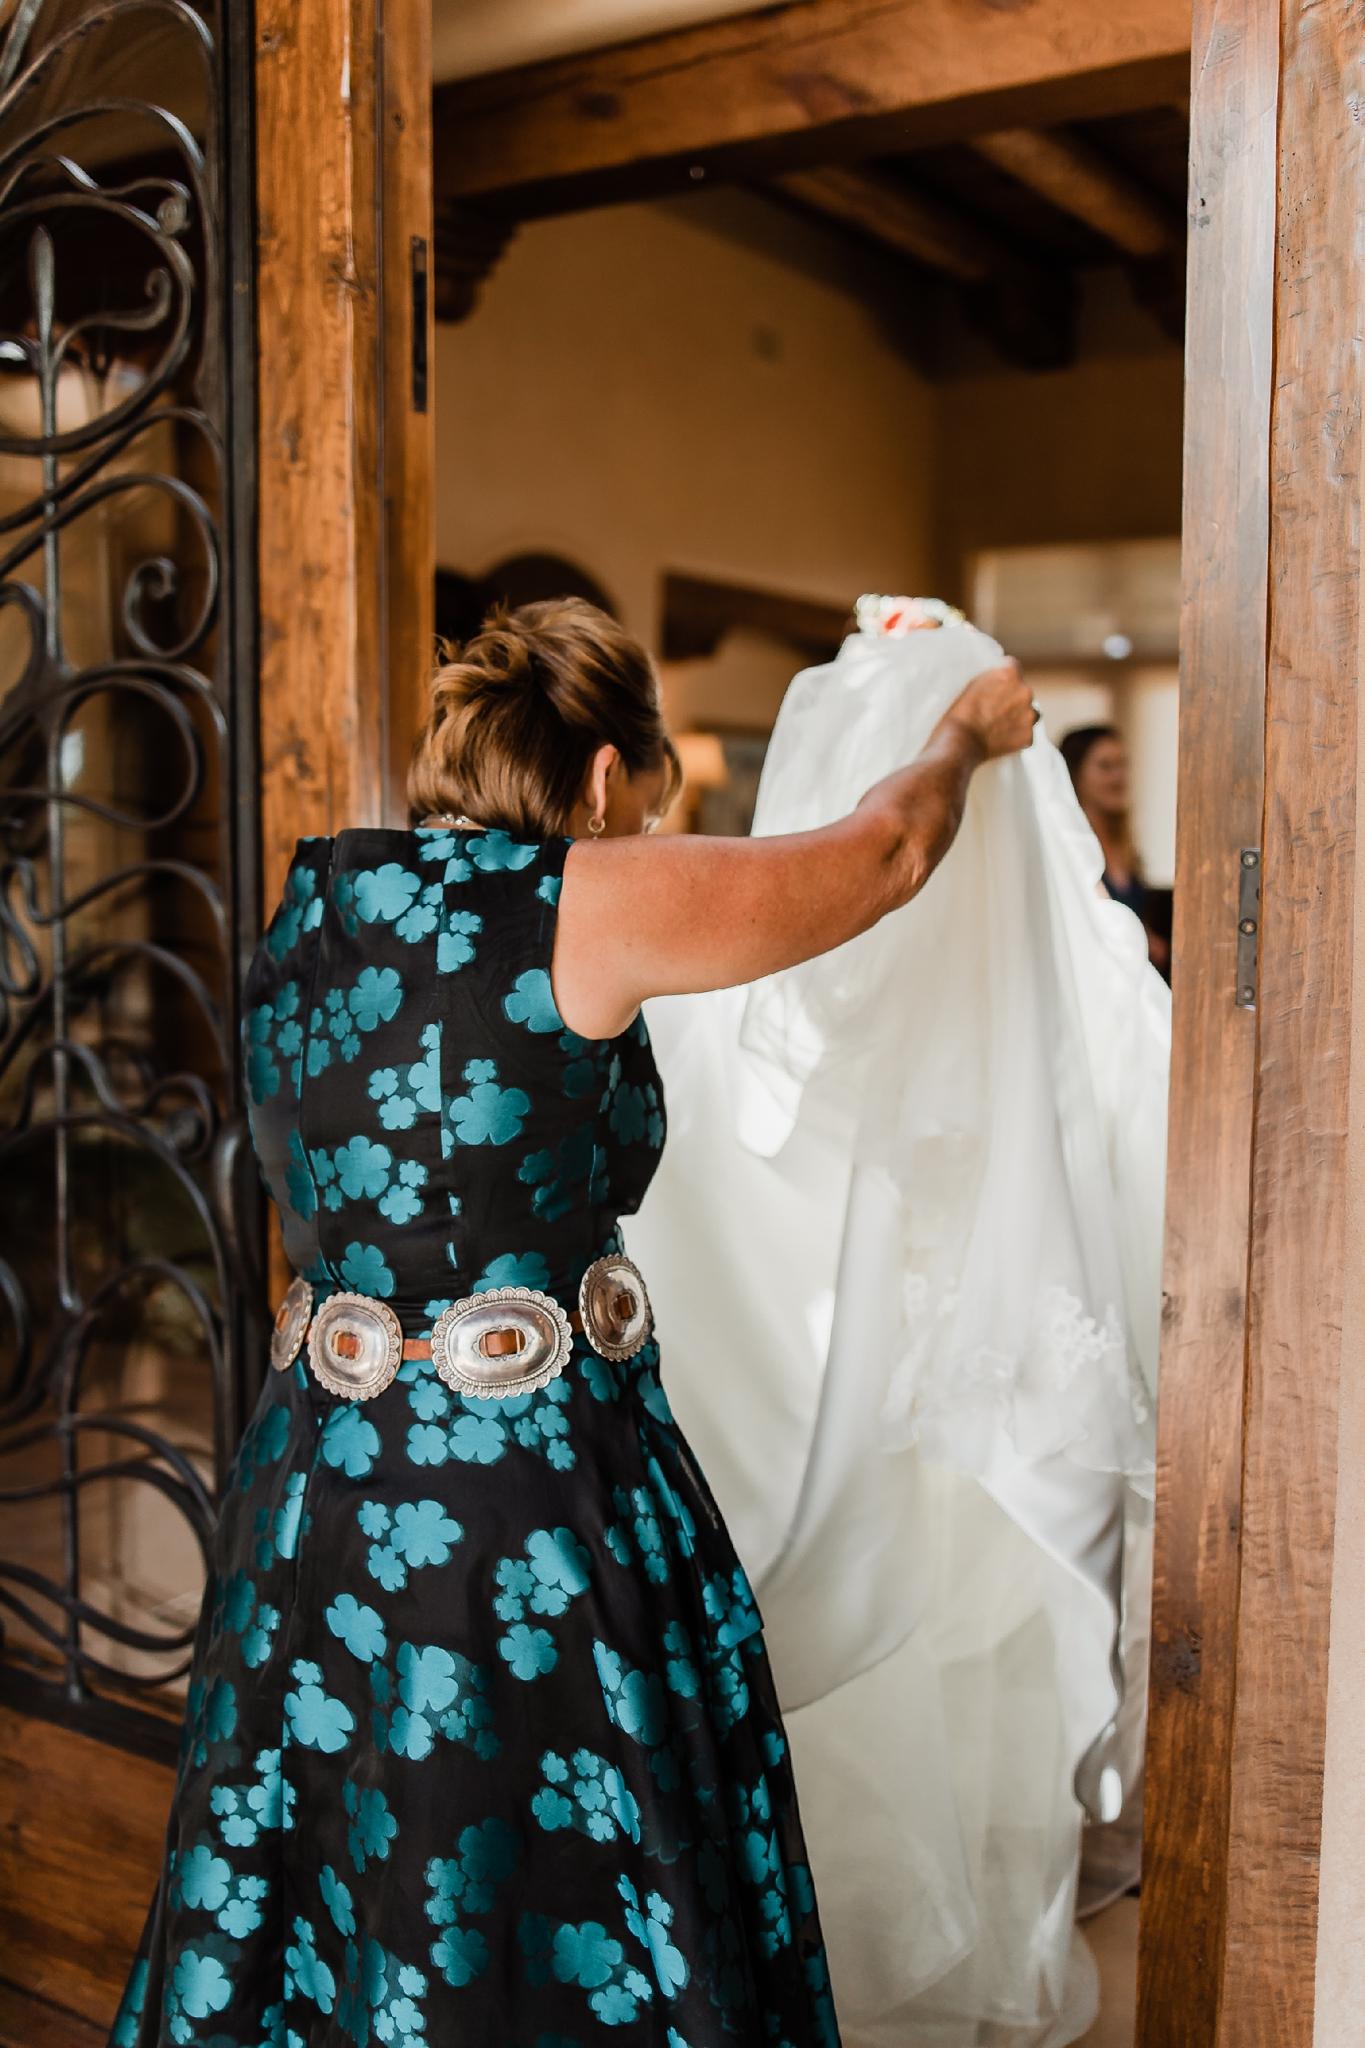 Alicia+lucia+photography+-+albuquerque+wedding+photographer+-+santa+fe+wedding+photography+-+new+mexico+wedding+photographer+-+new+mexico+wedding+-+las+cam